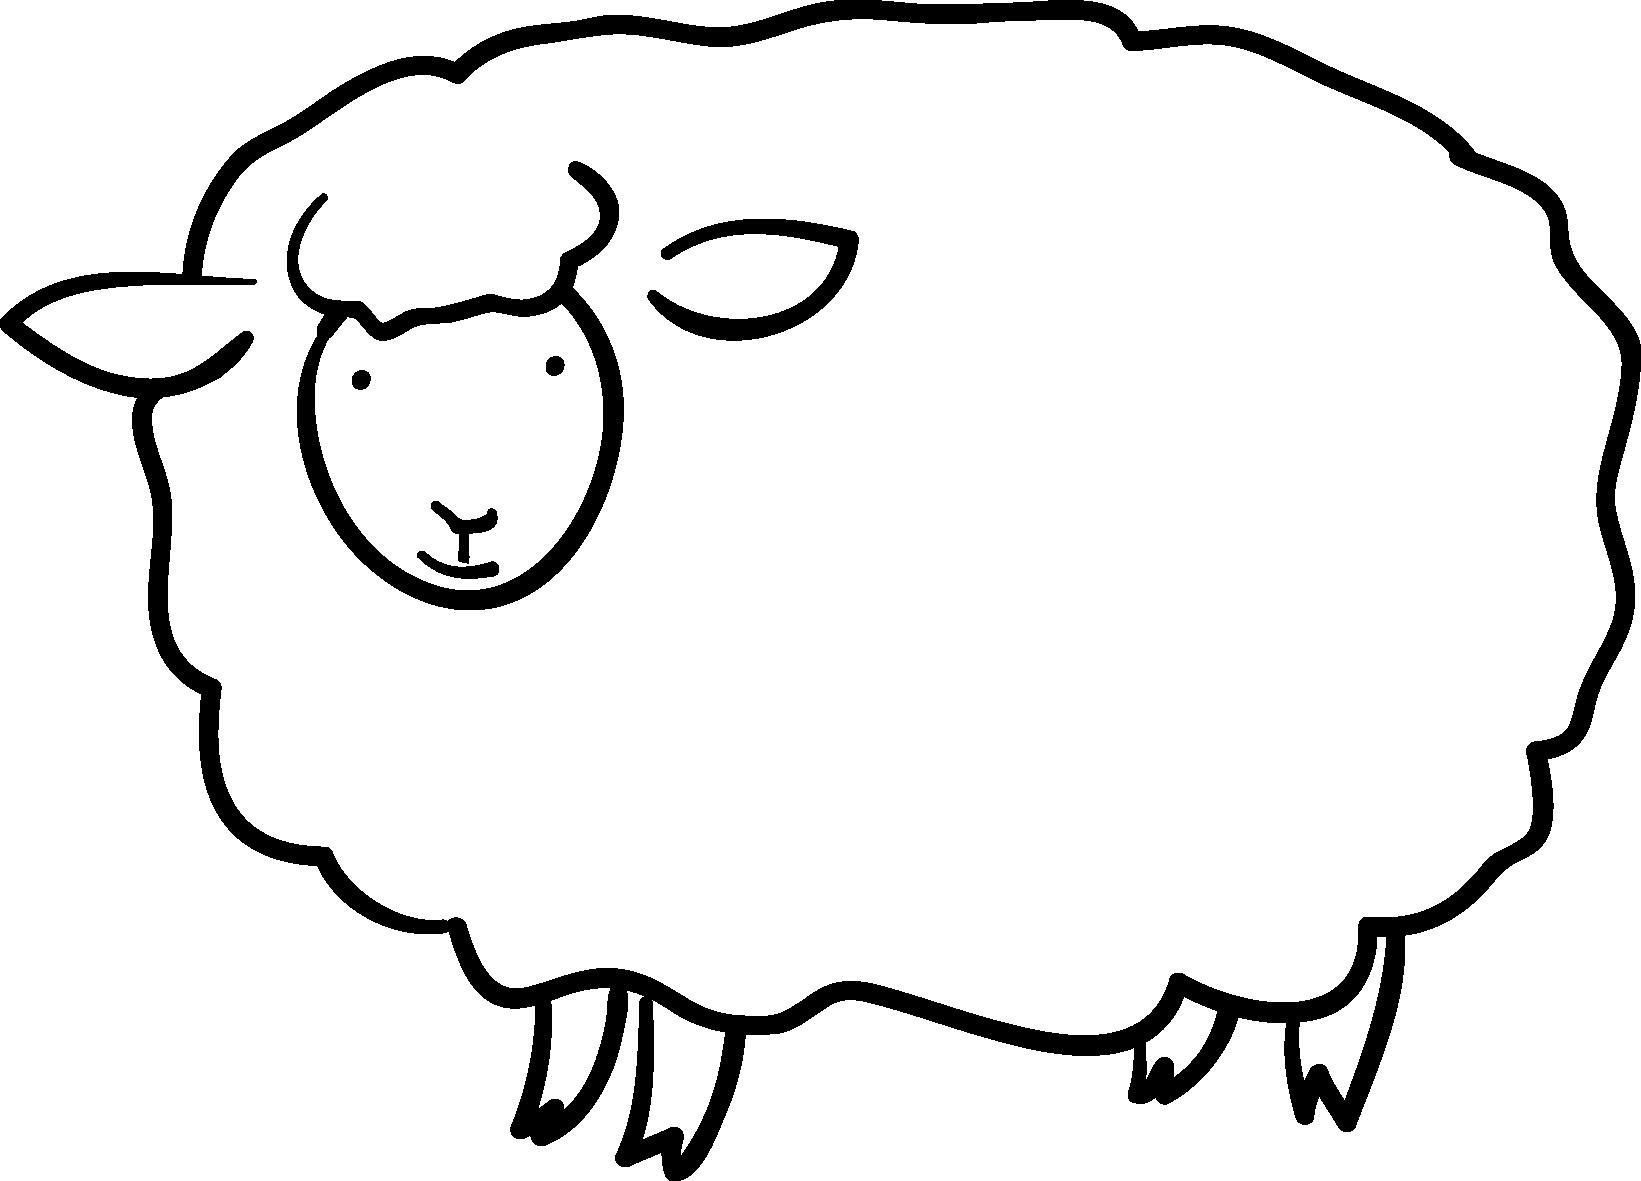 ... 素材-カット素材「羊の素材